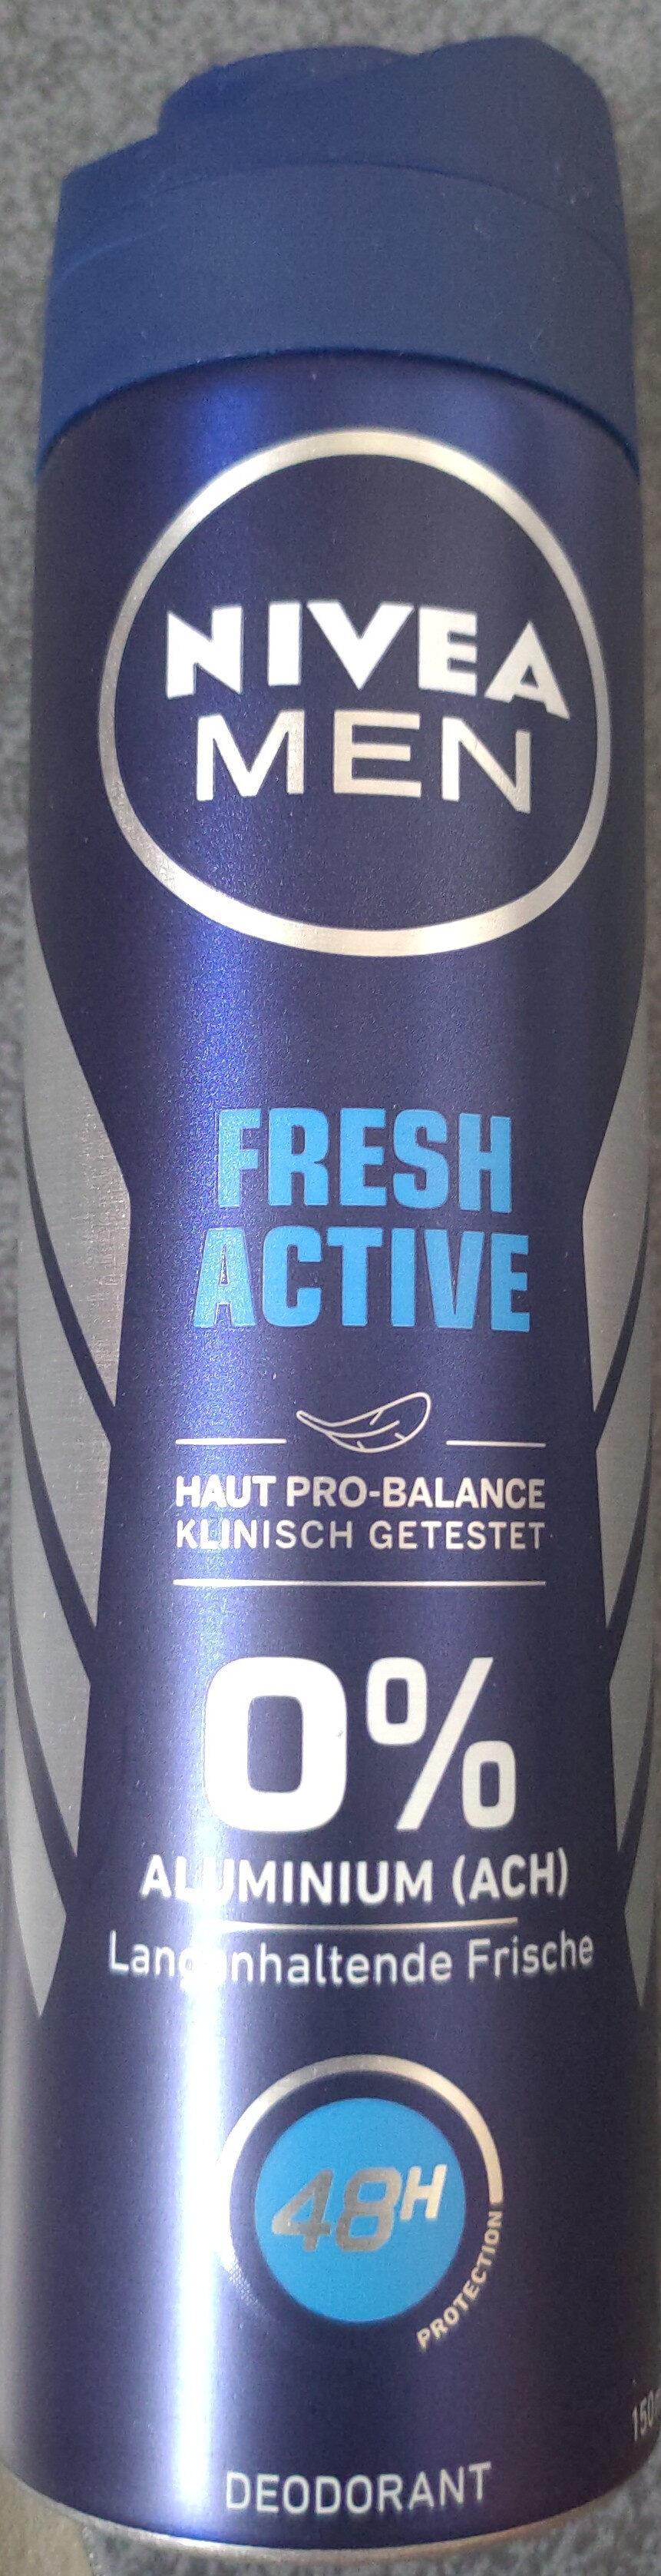 Fresh Active - Produit - de